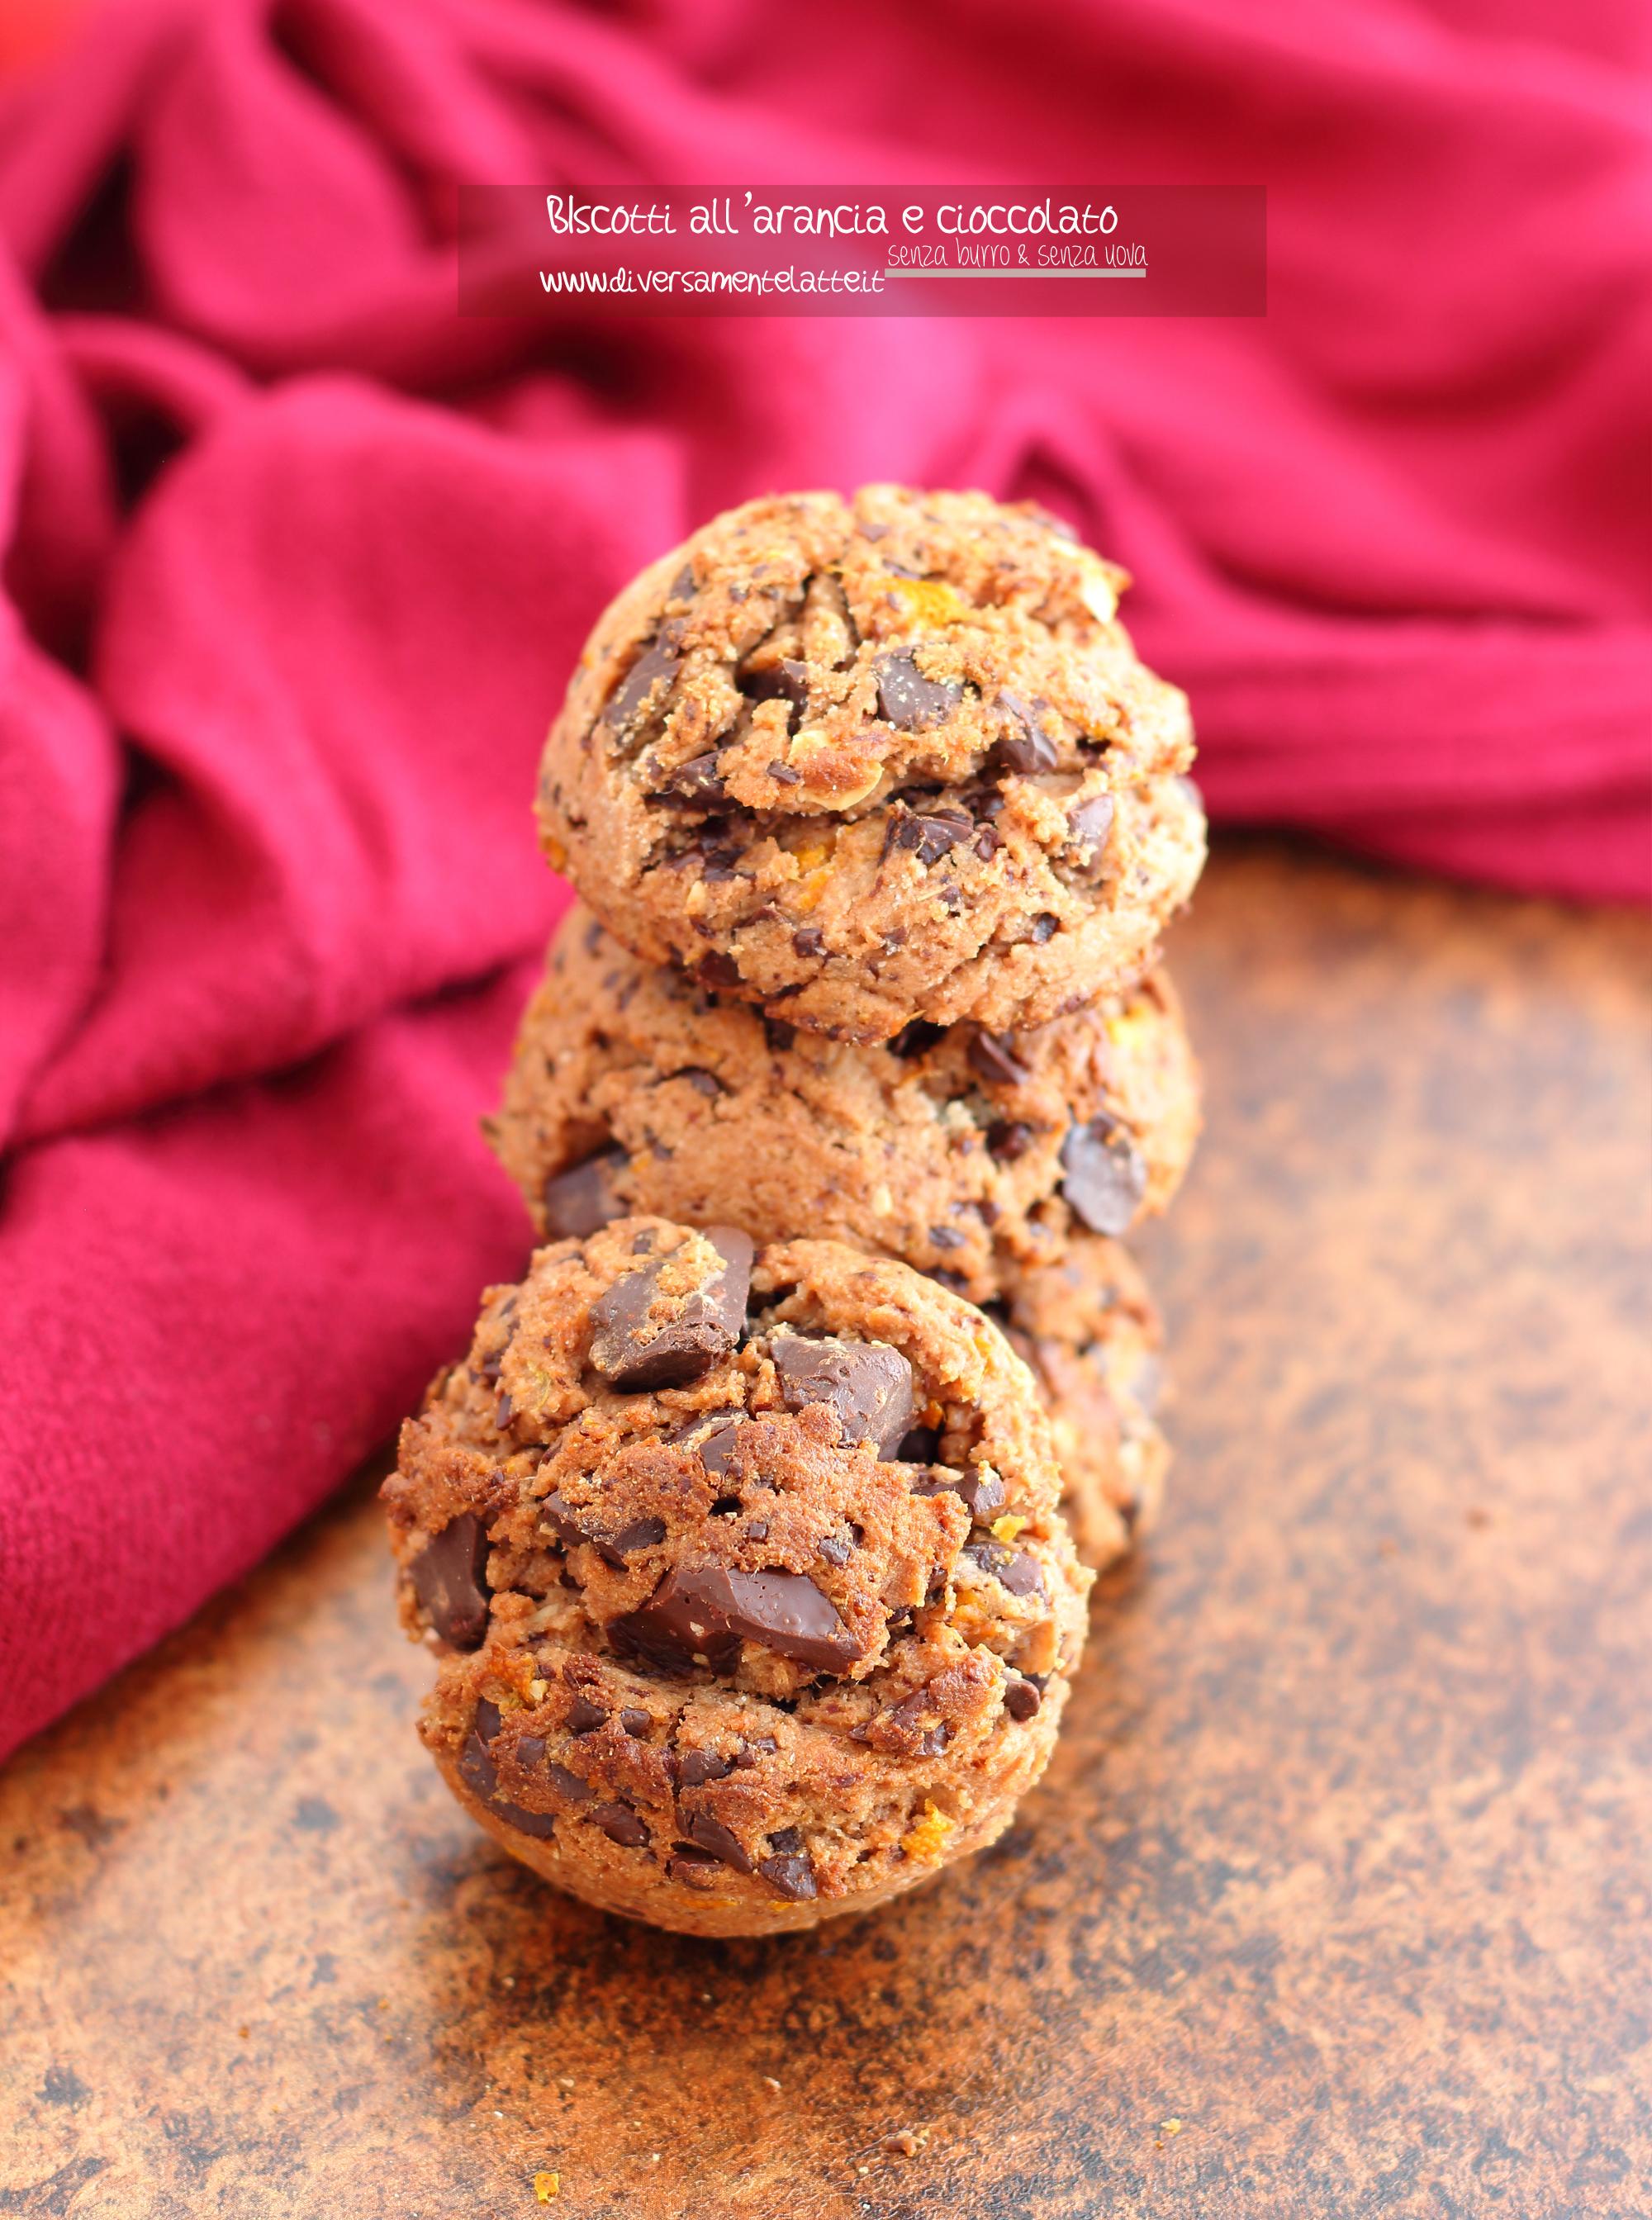 biscotti arancia e cioccolato senza lattosio